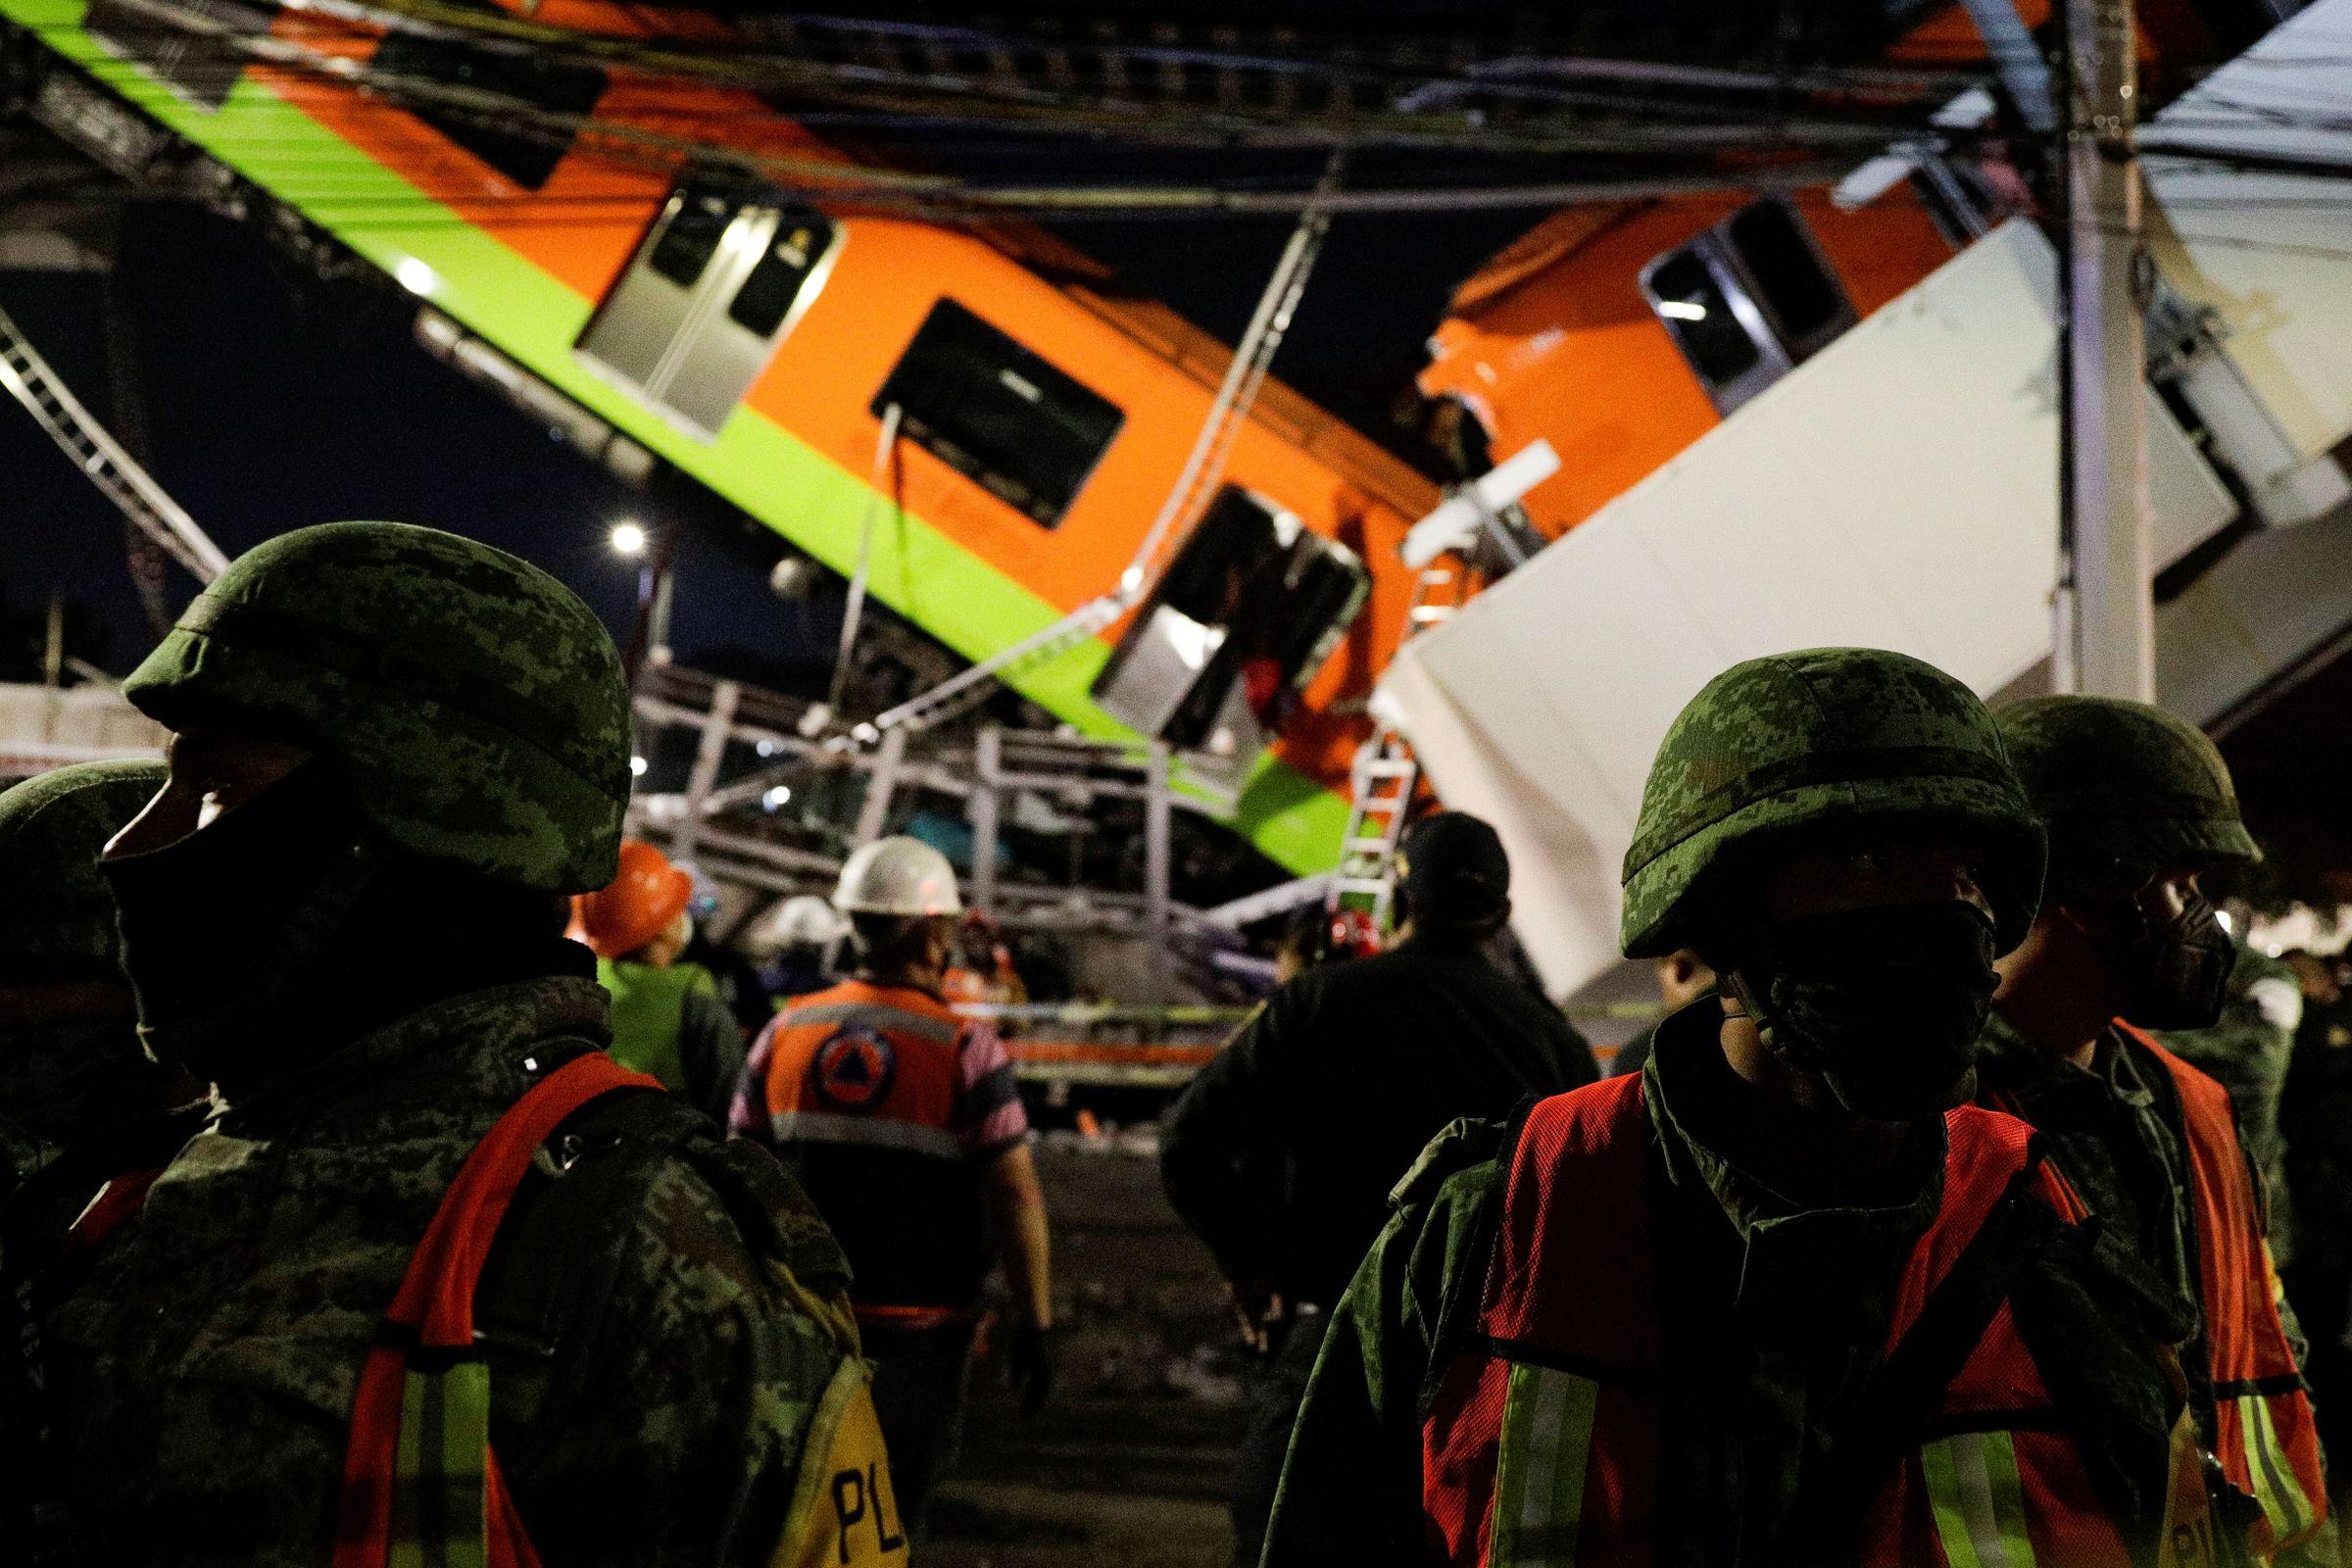 Derrumbe en el metro de Ciudad de México.Carlos Velo xunto a Gurriarán